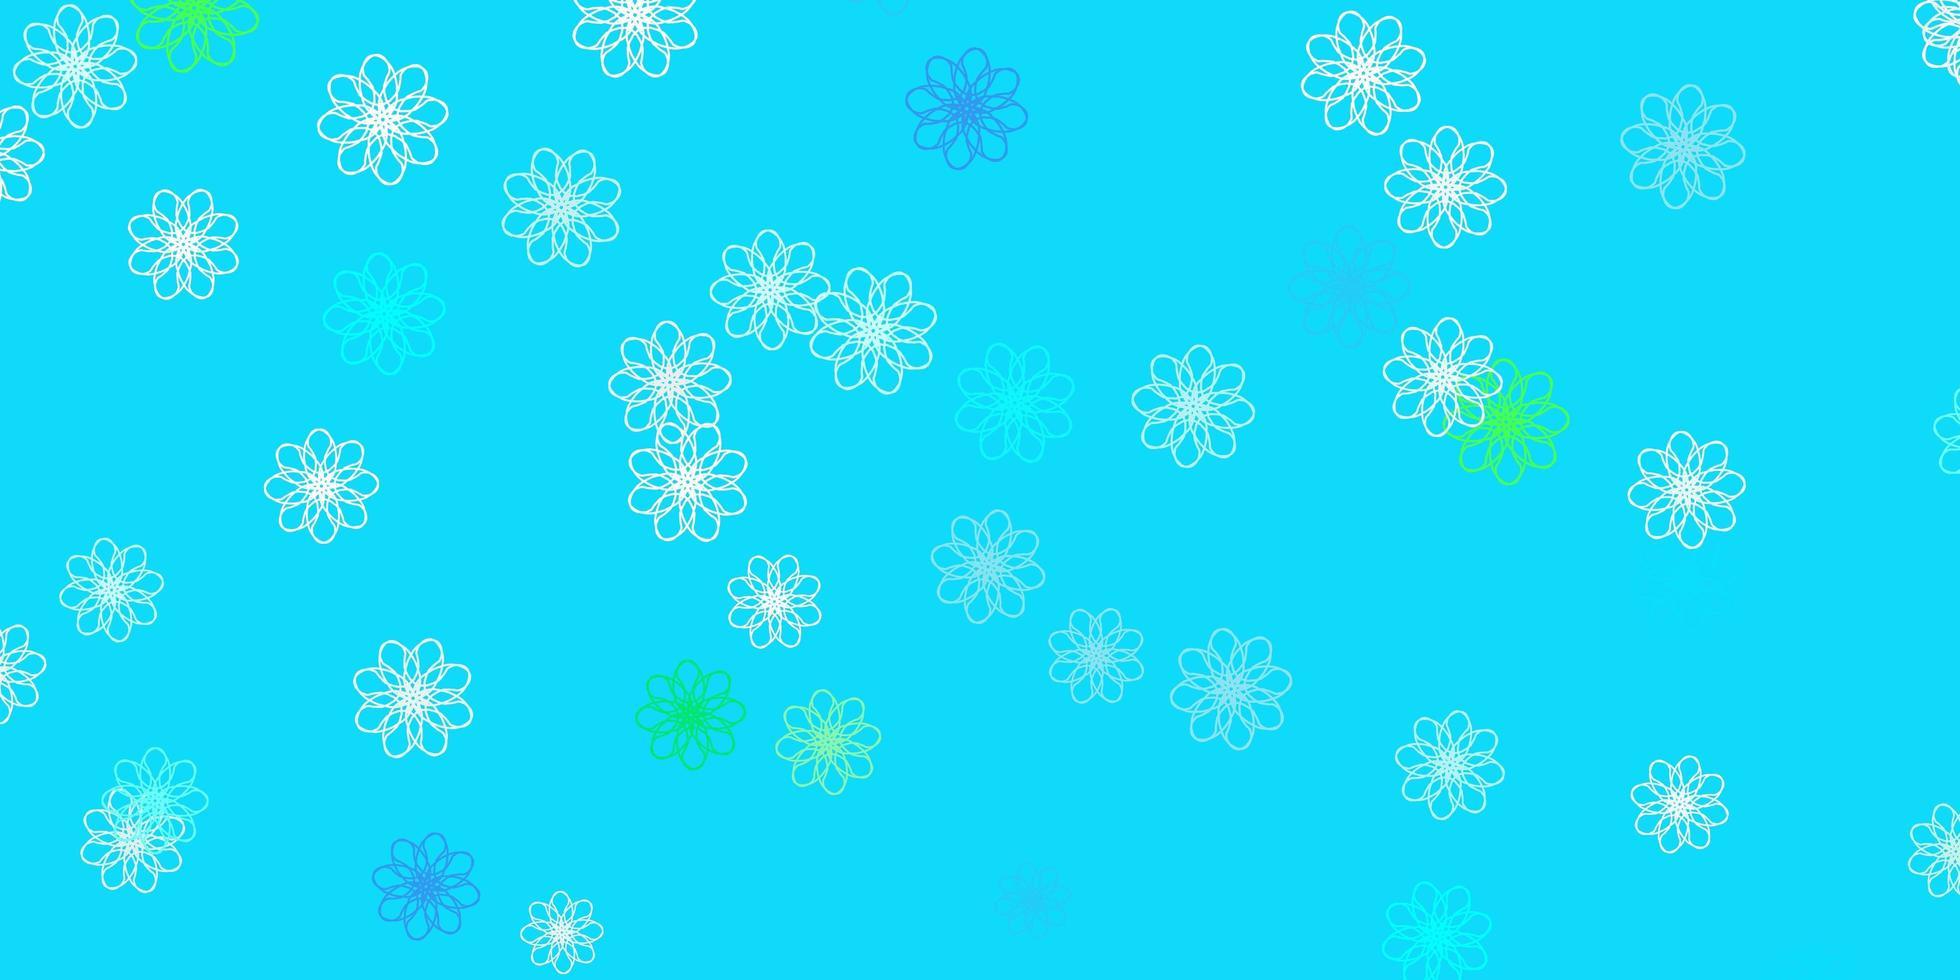 padrão de doodle de vetor azul e verde claro com flores.